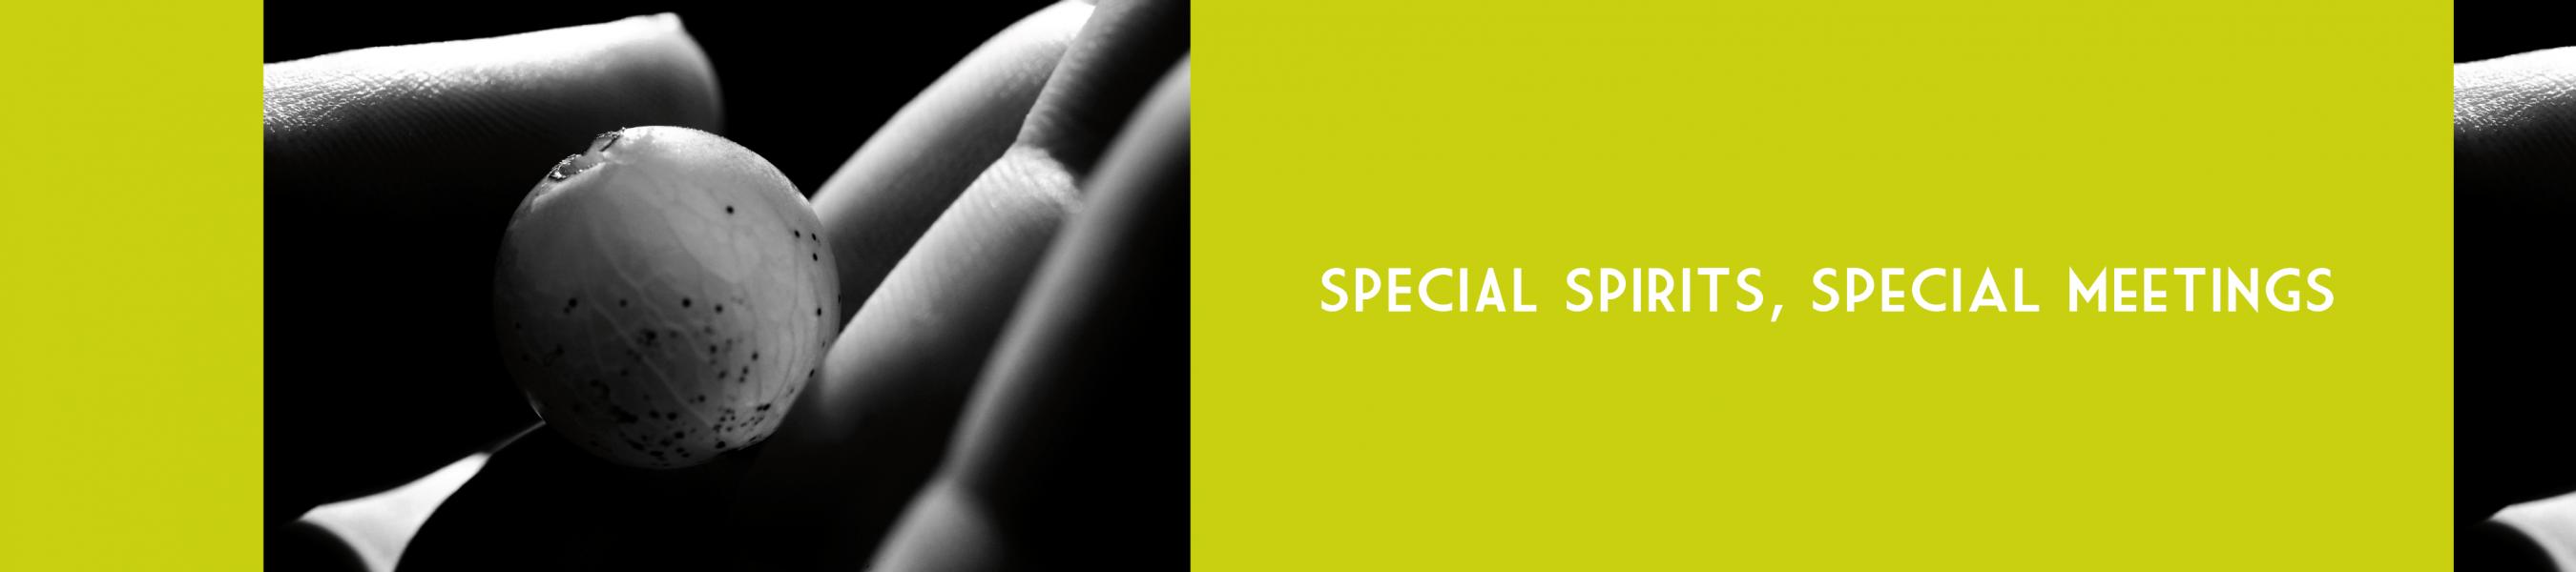 SpecialM-04